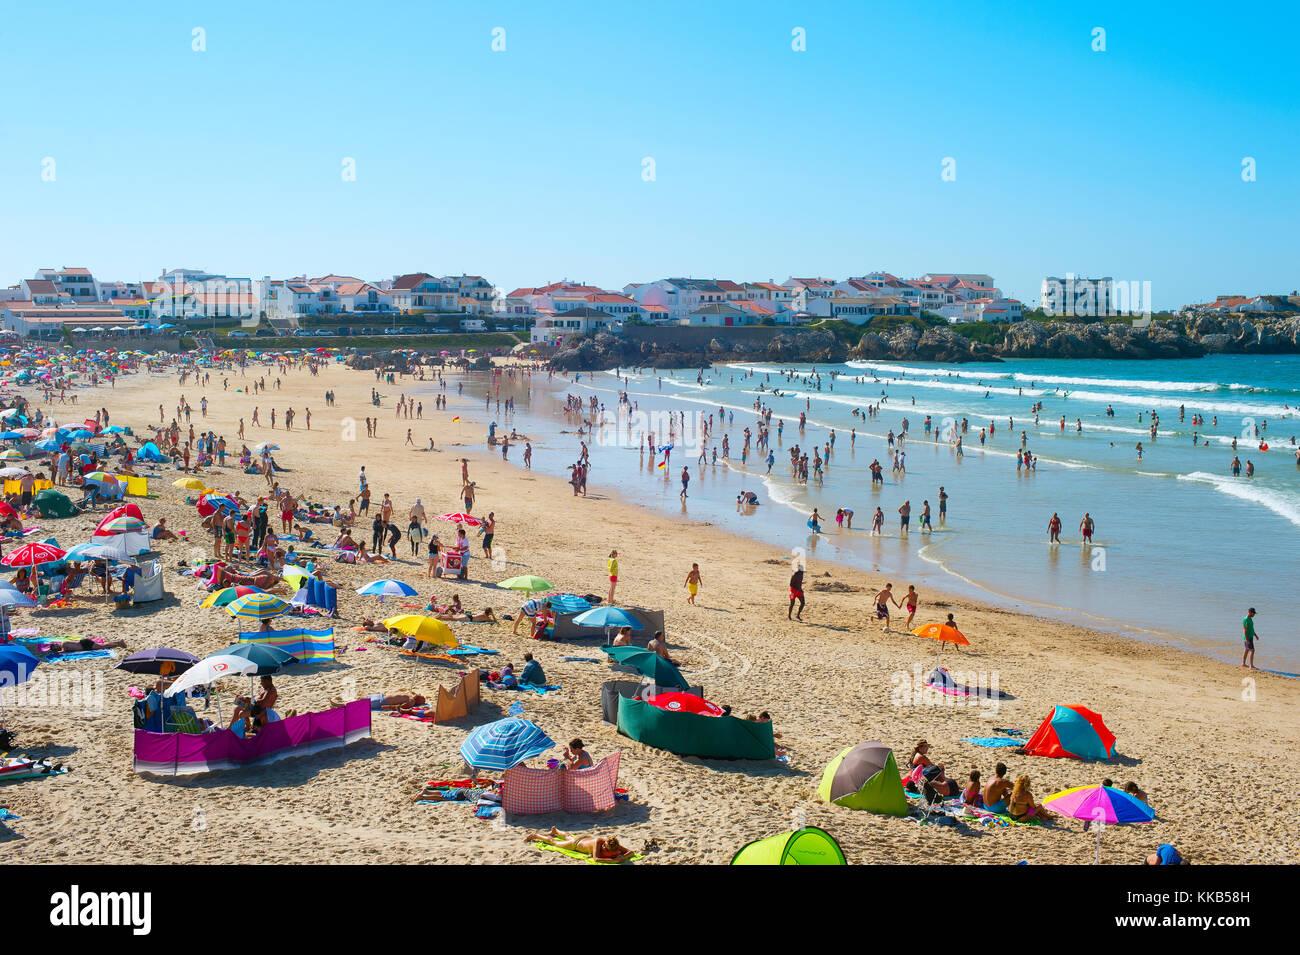 Baleal, Portugal - 30 jul, 2017: Ocean Beach abarrotado en temporada alta. Portugal famoso destino turístico Imagen De Stock